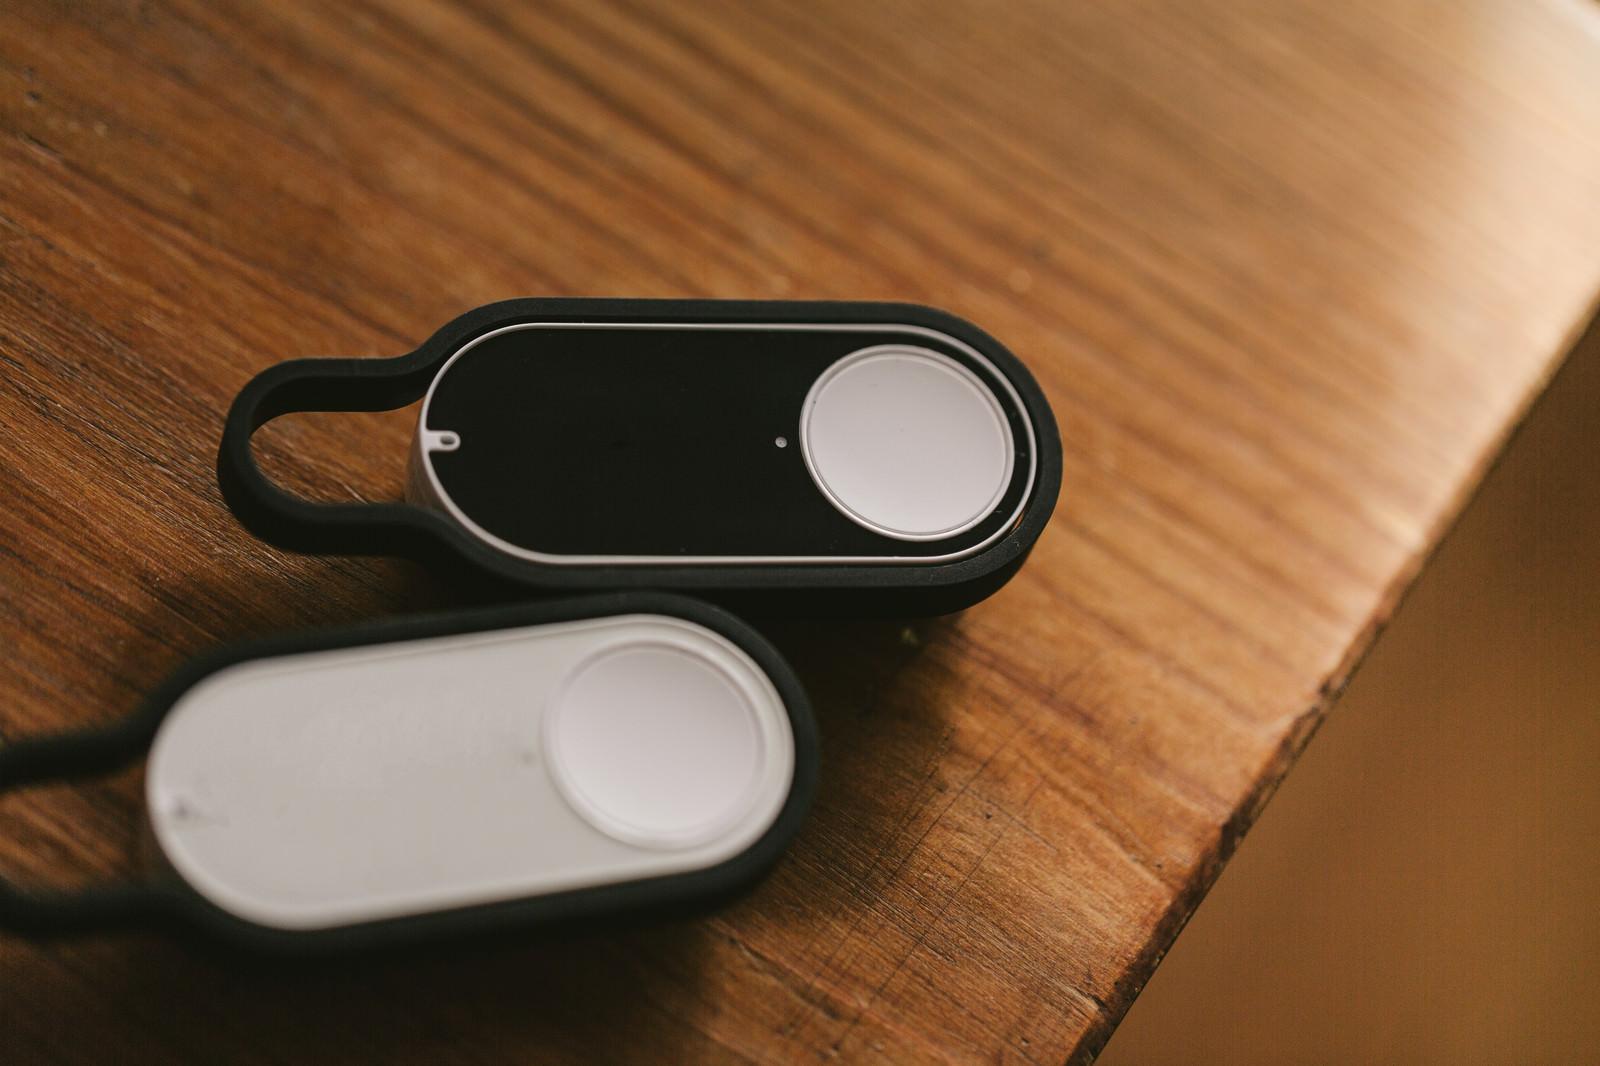 「木のテーブルに置かれたダッシュボタン」の写真